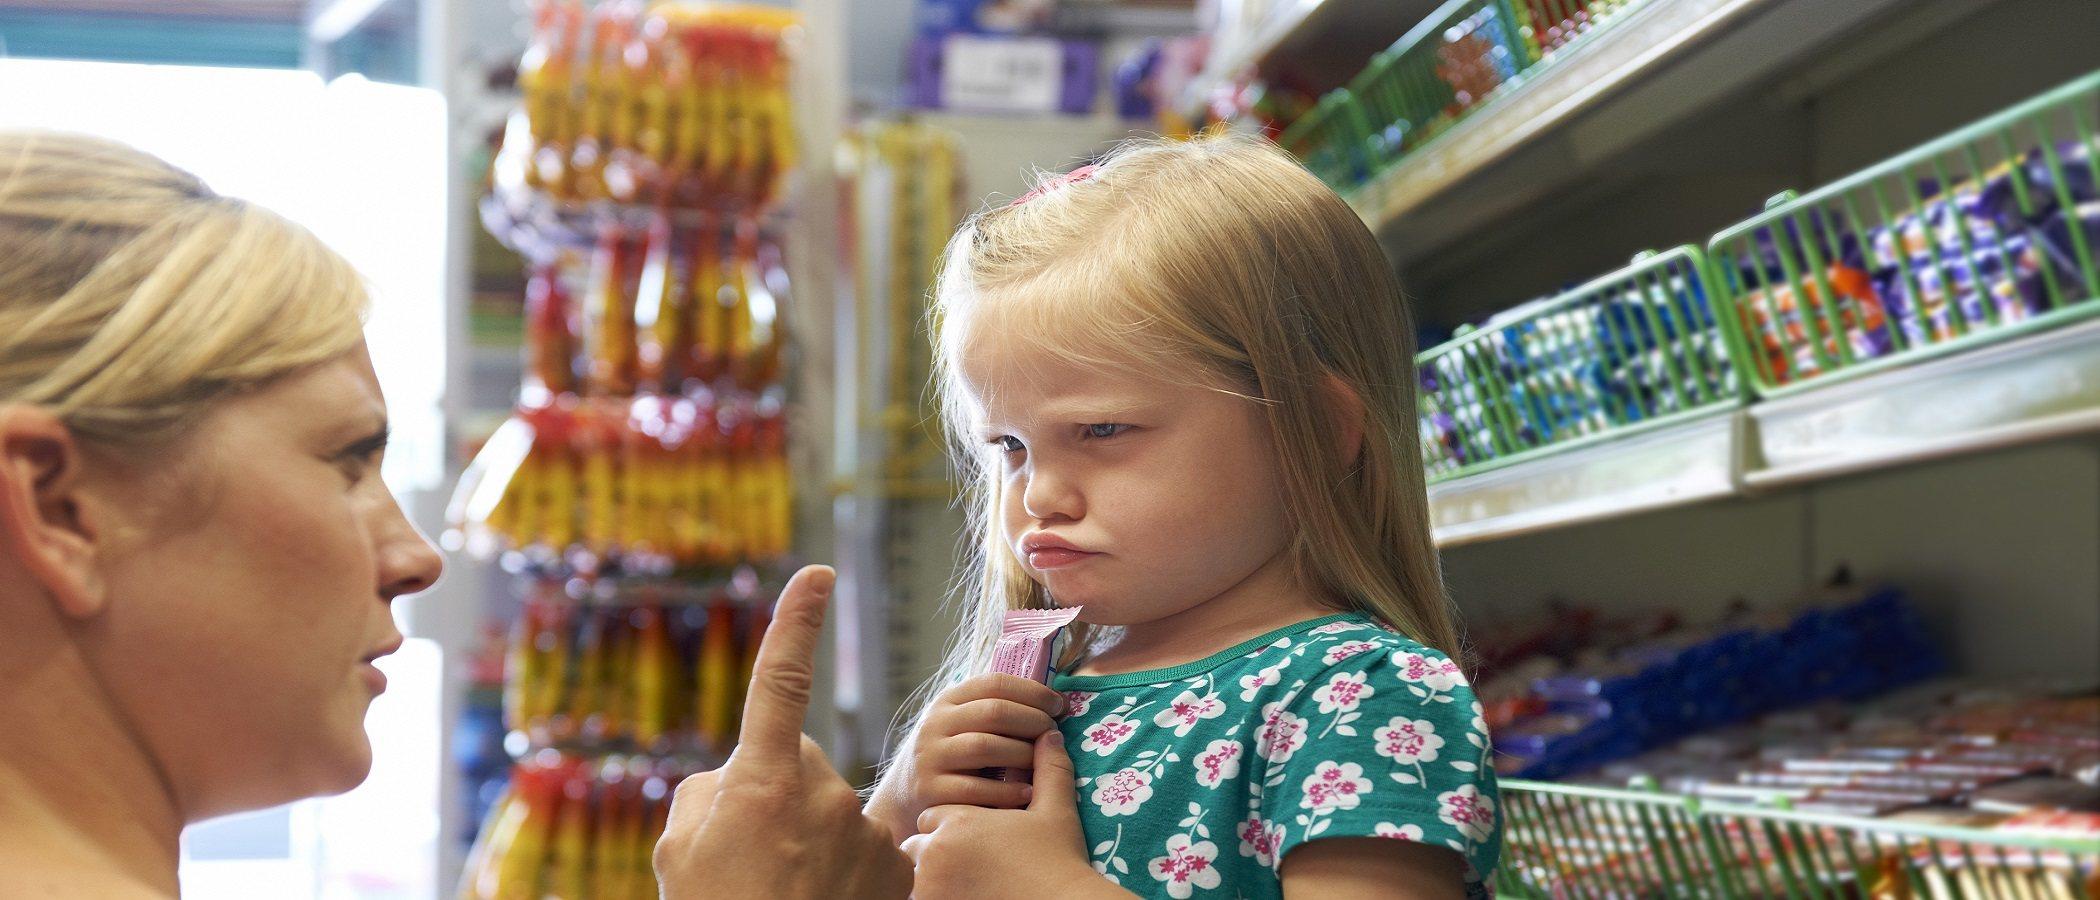 Evita las rabietas cuando estés en el supermercado